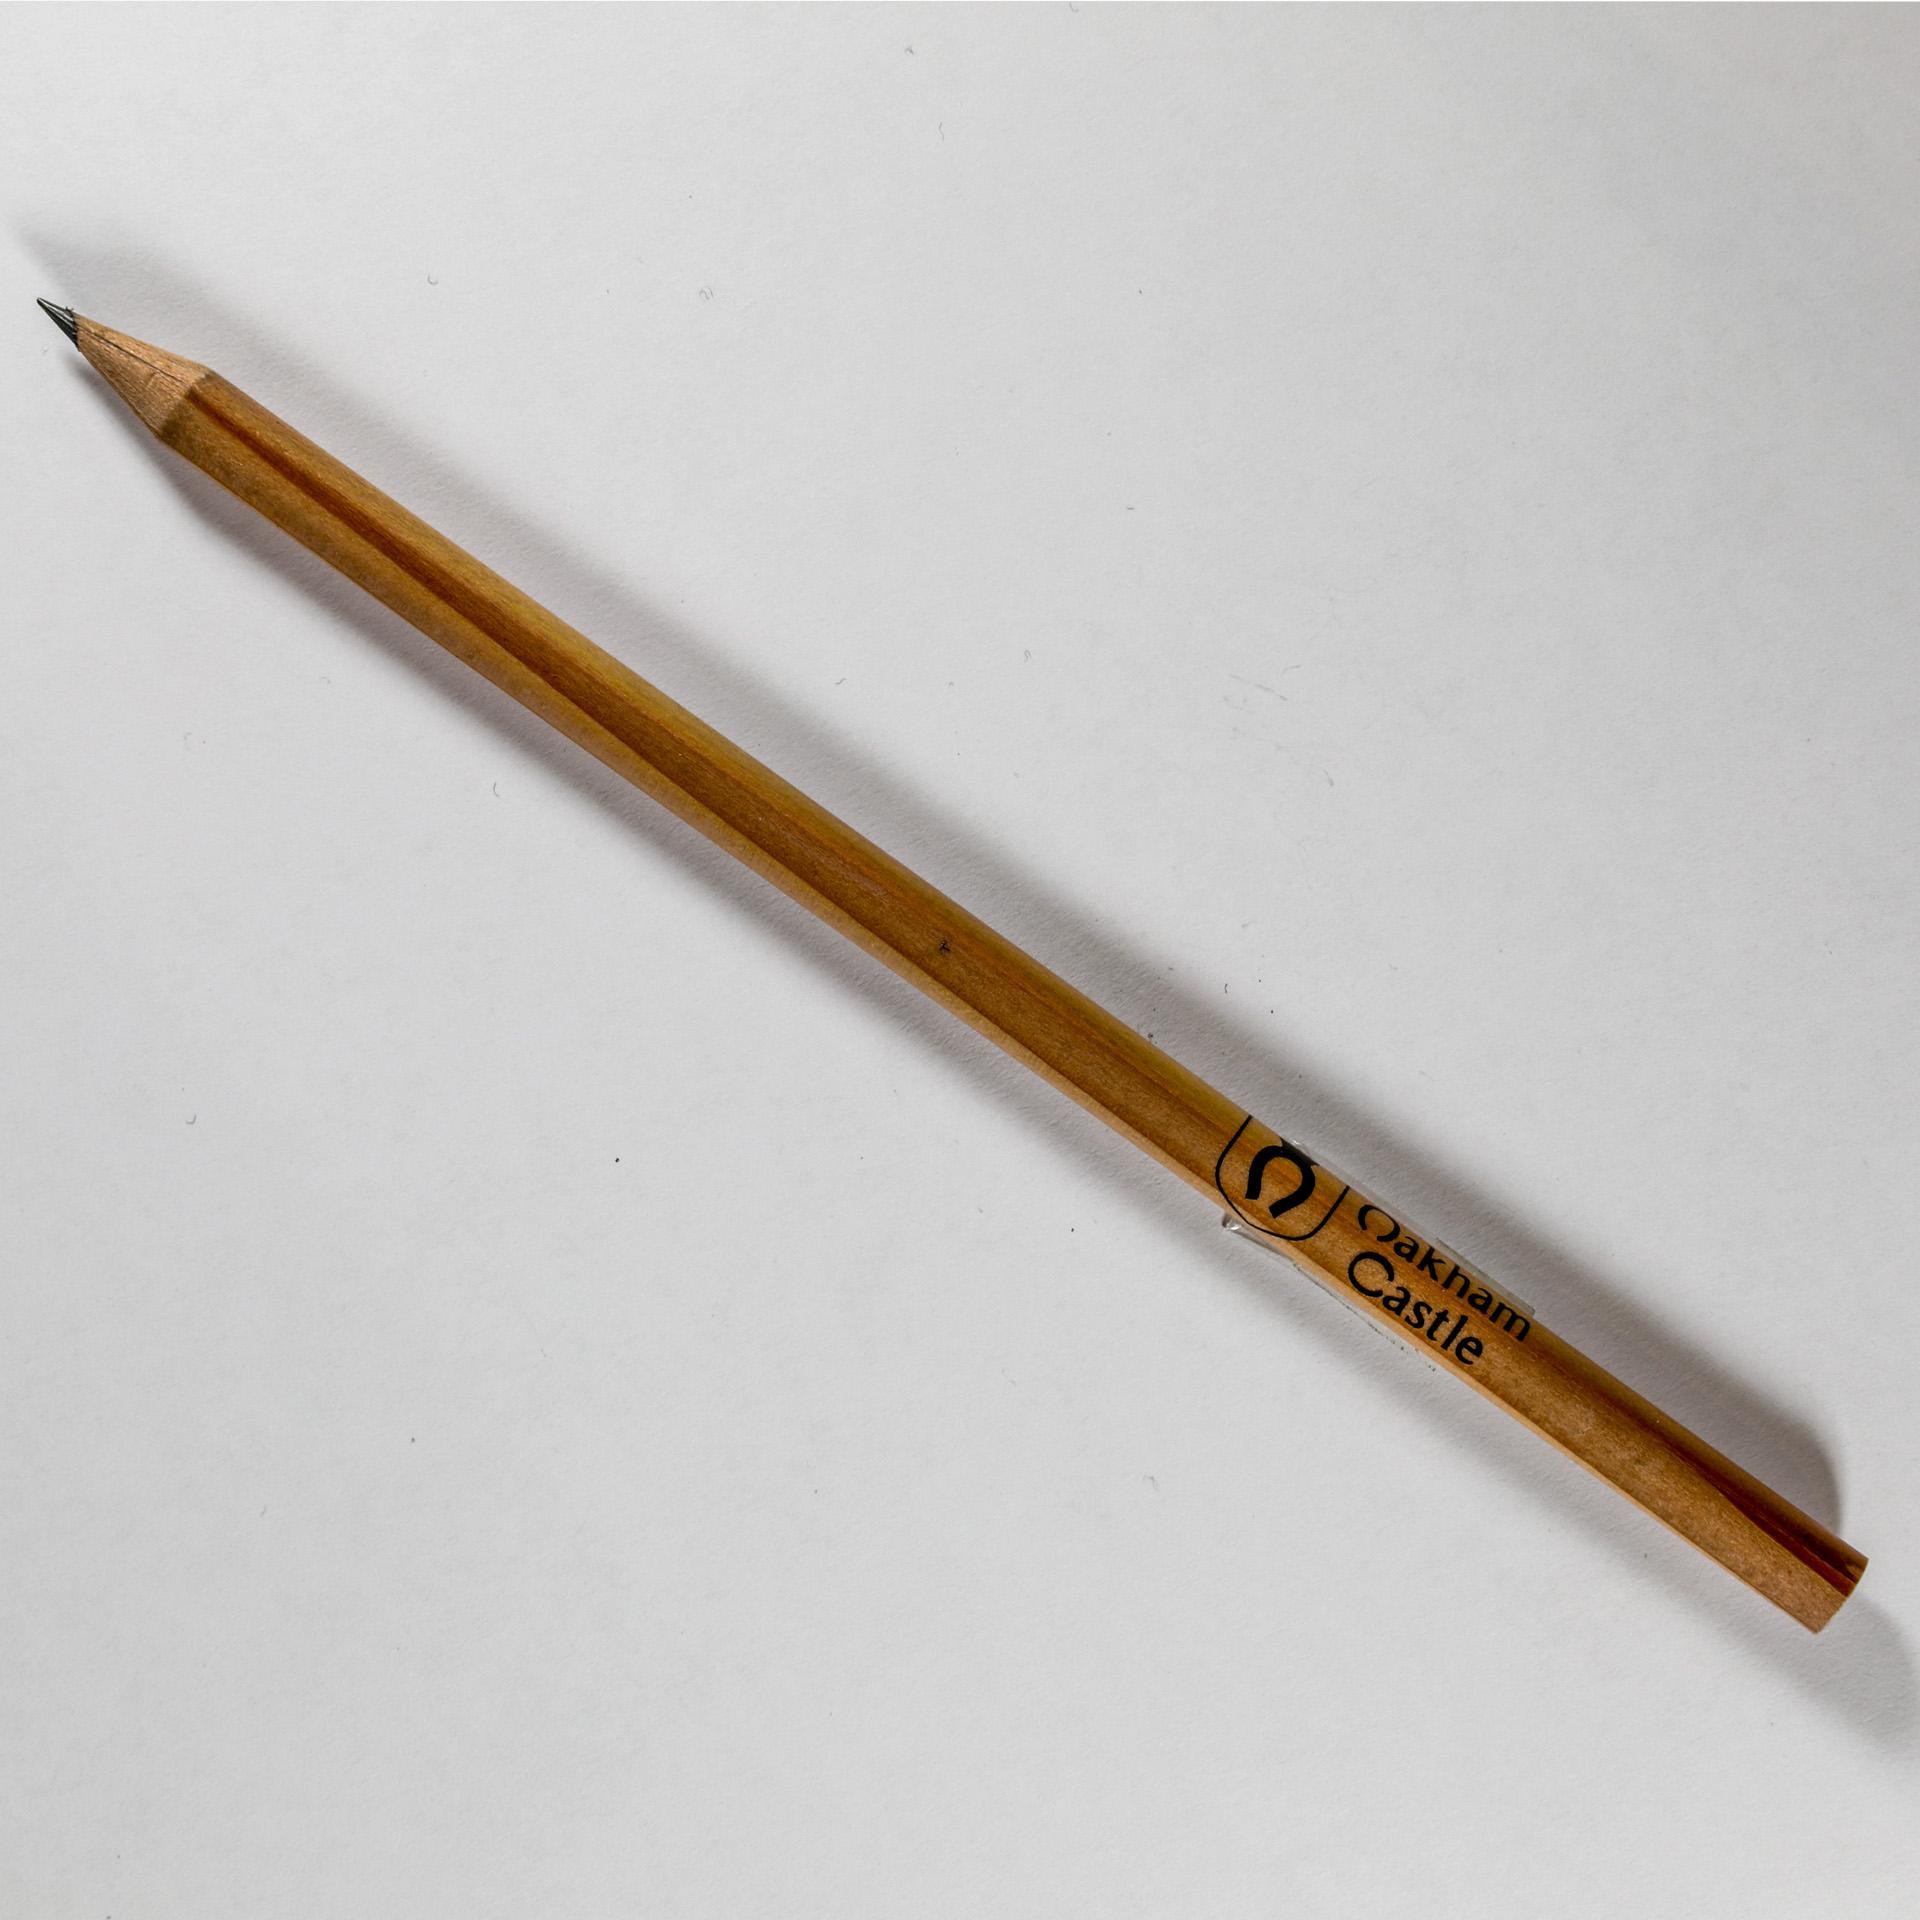 Oakham Castle Pencil